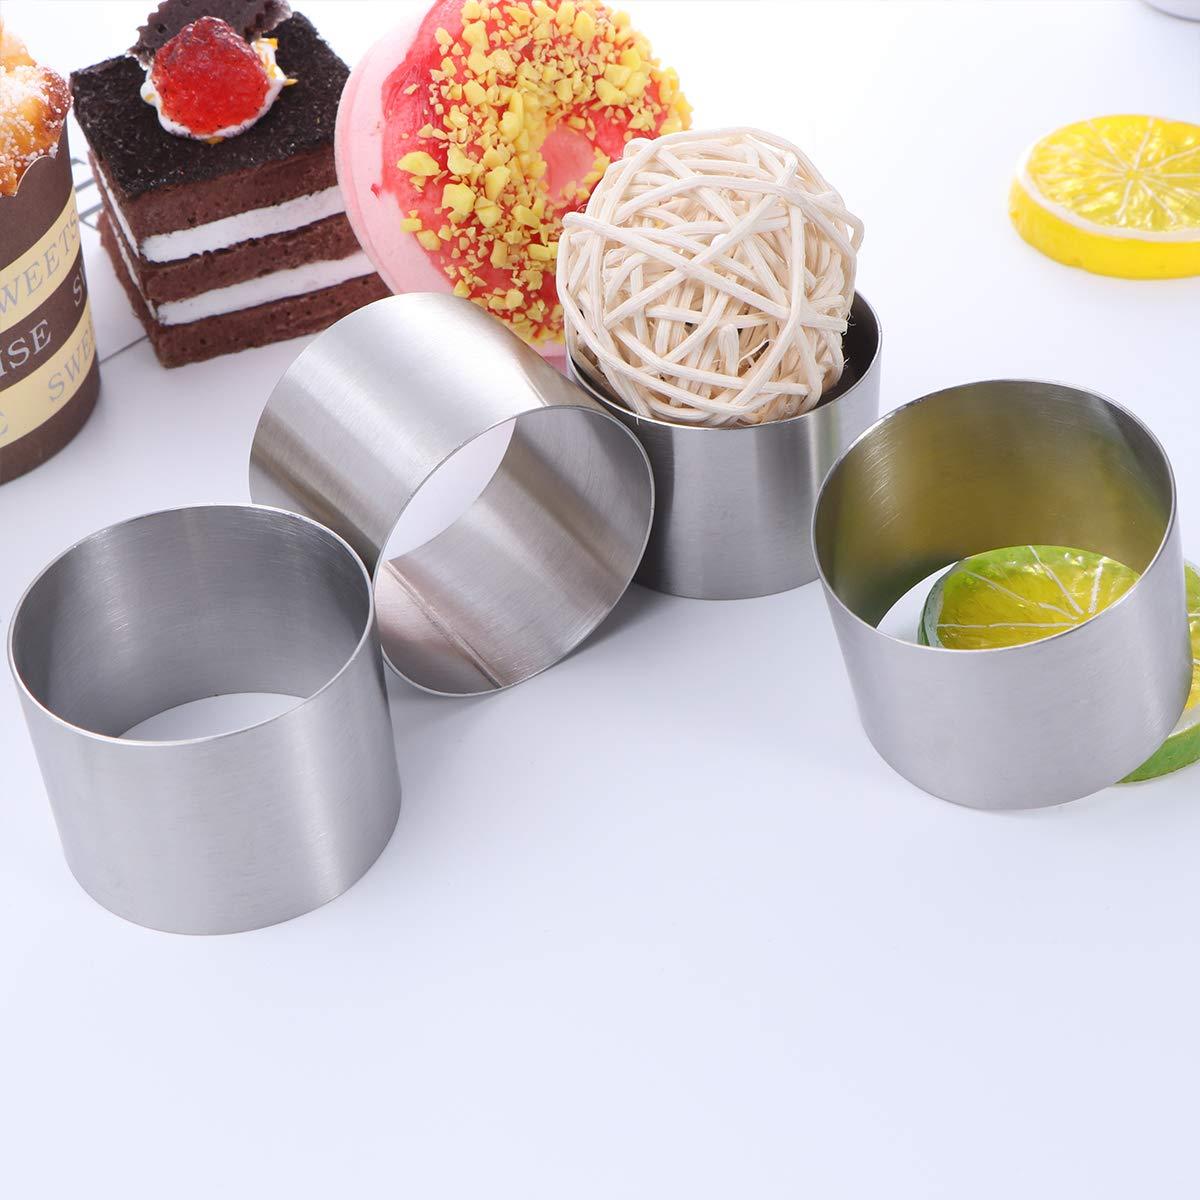 UPKOCH 4 runde Mousse Kuchen Ausstechform Dessert Ring Geb/äckform Backwerkzeug